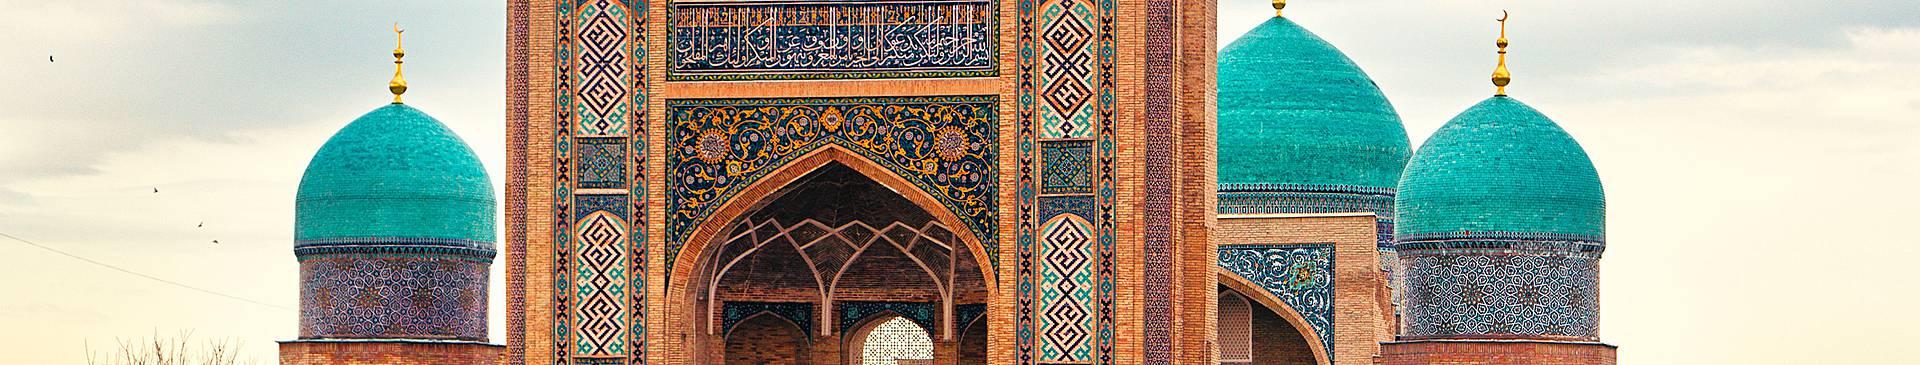 Cities in Uzbekistan